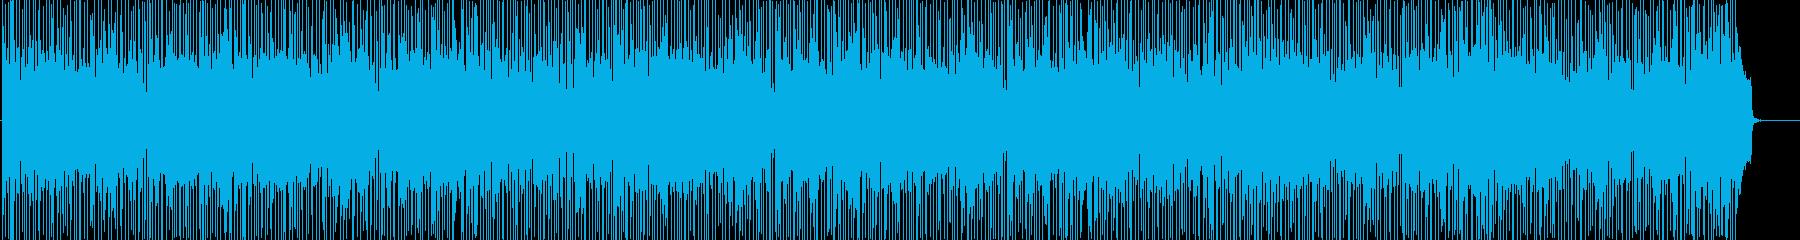 爽やかで軽快な明るいフュージョンの再生済みの波形